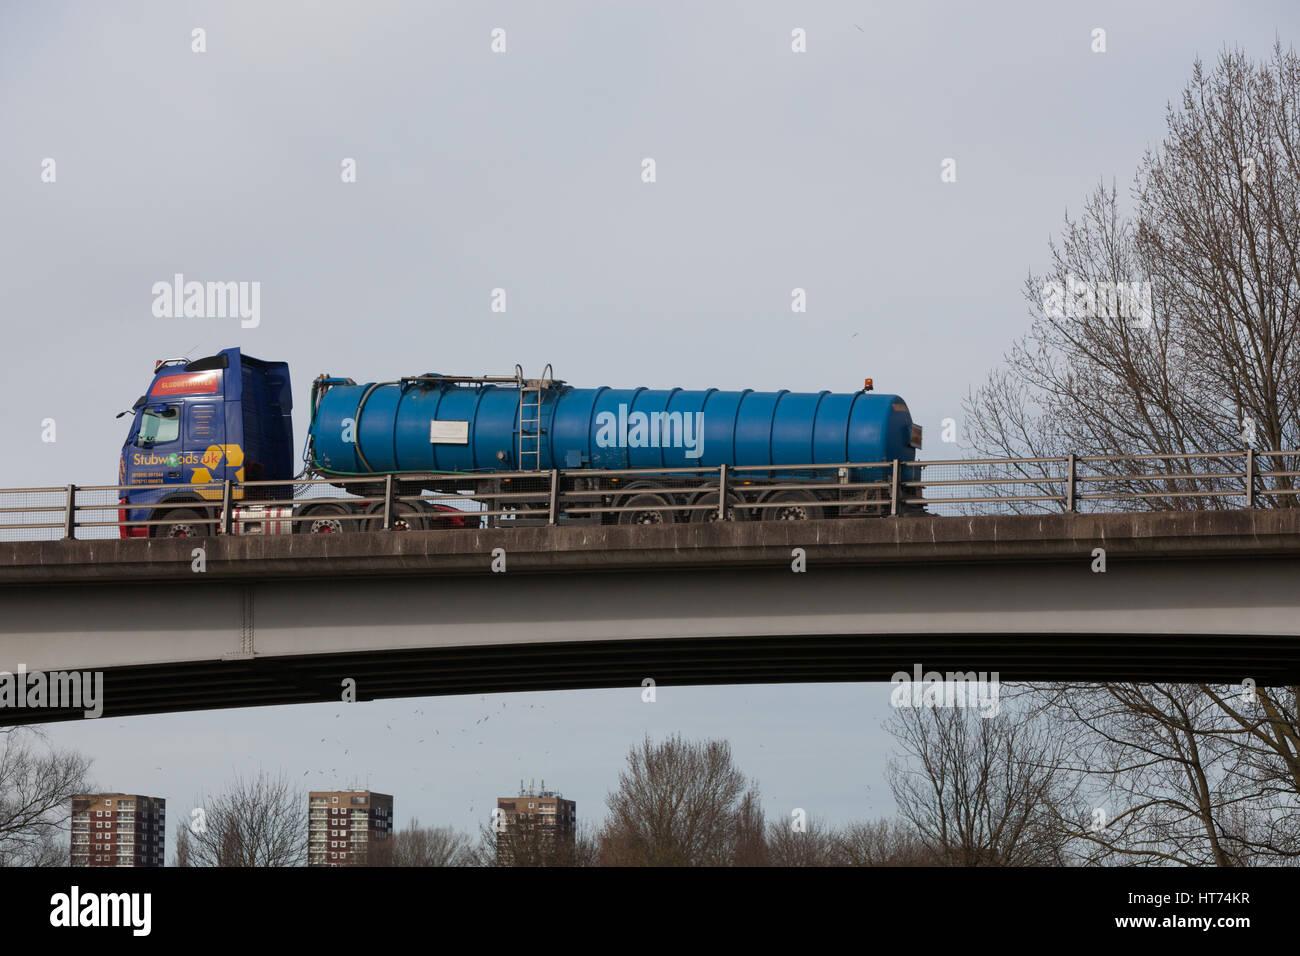 Gestión de residuos Stubwoods petrolero en la carretera en la región de Midlands Imagen De Stock